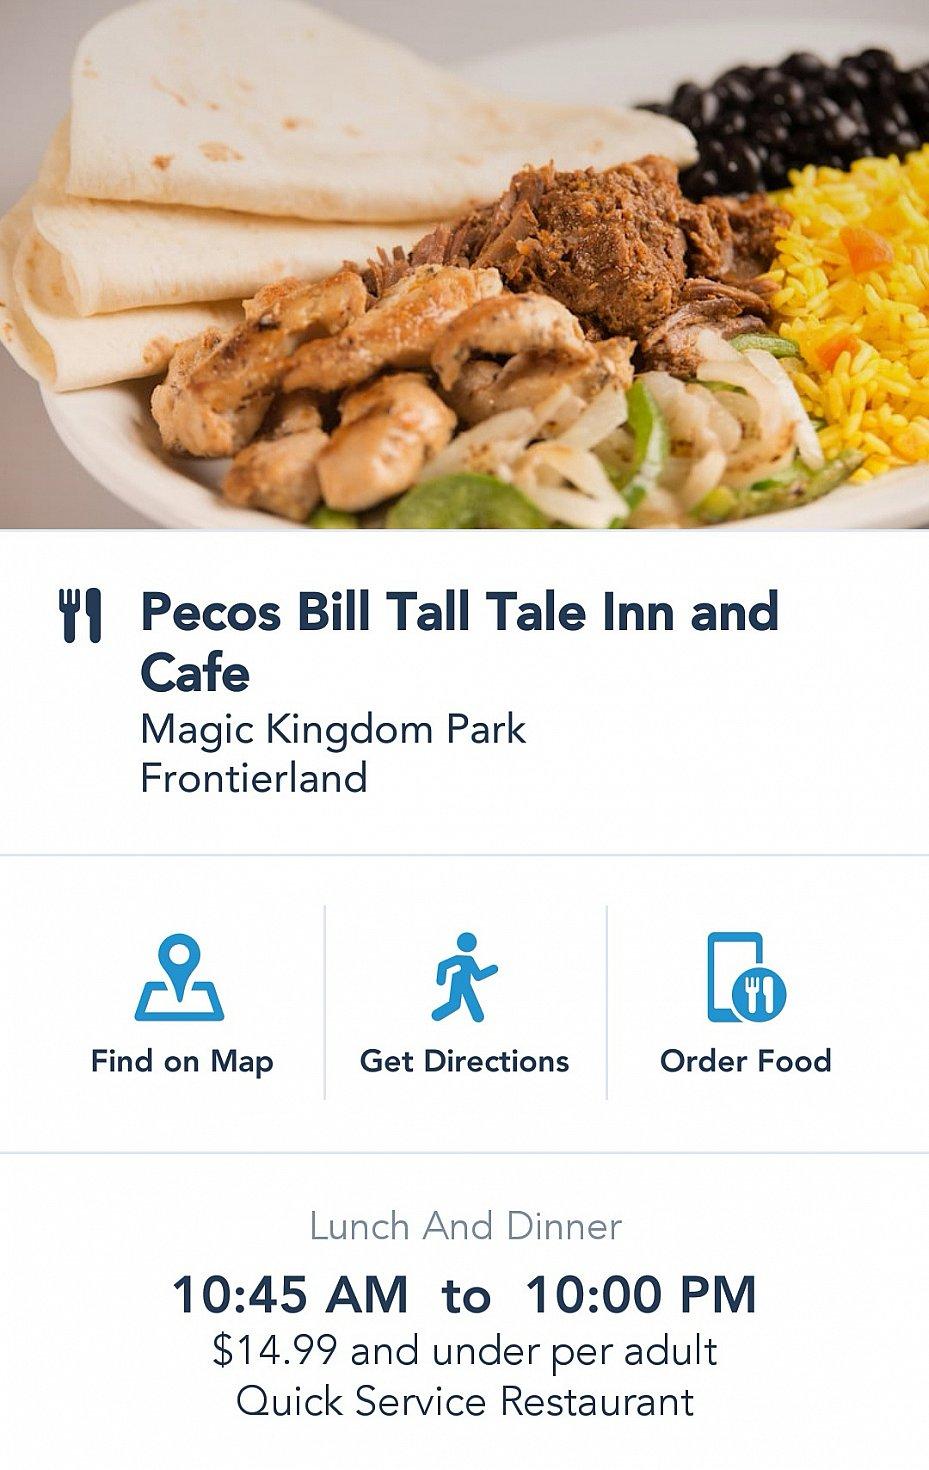 レストランの場所や料理ジャンルの確認ができます。注文に進むときは右のorder food